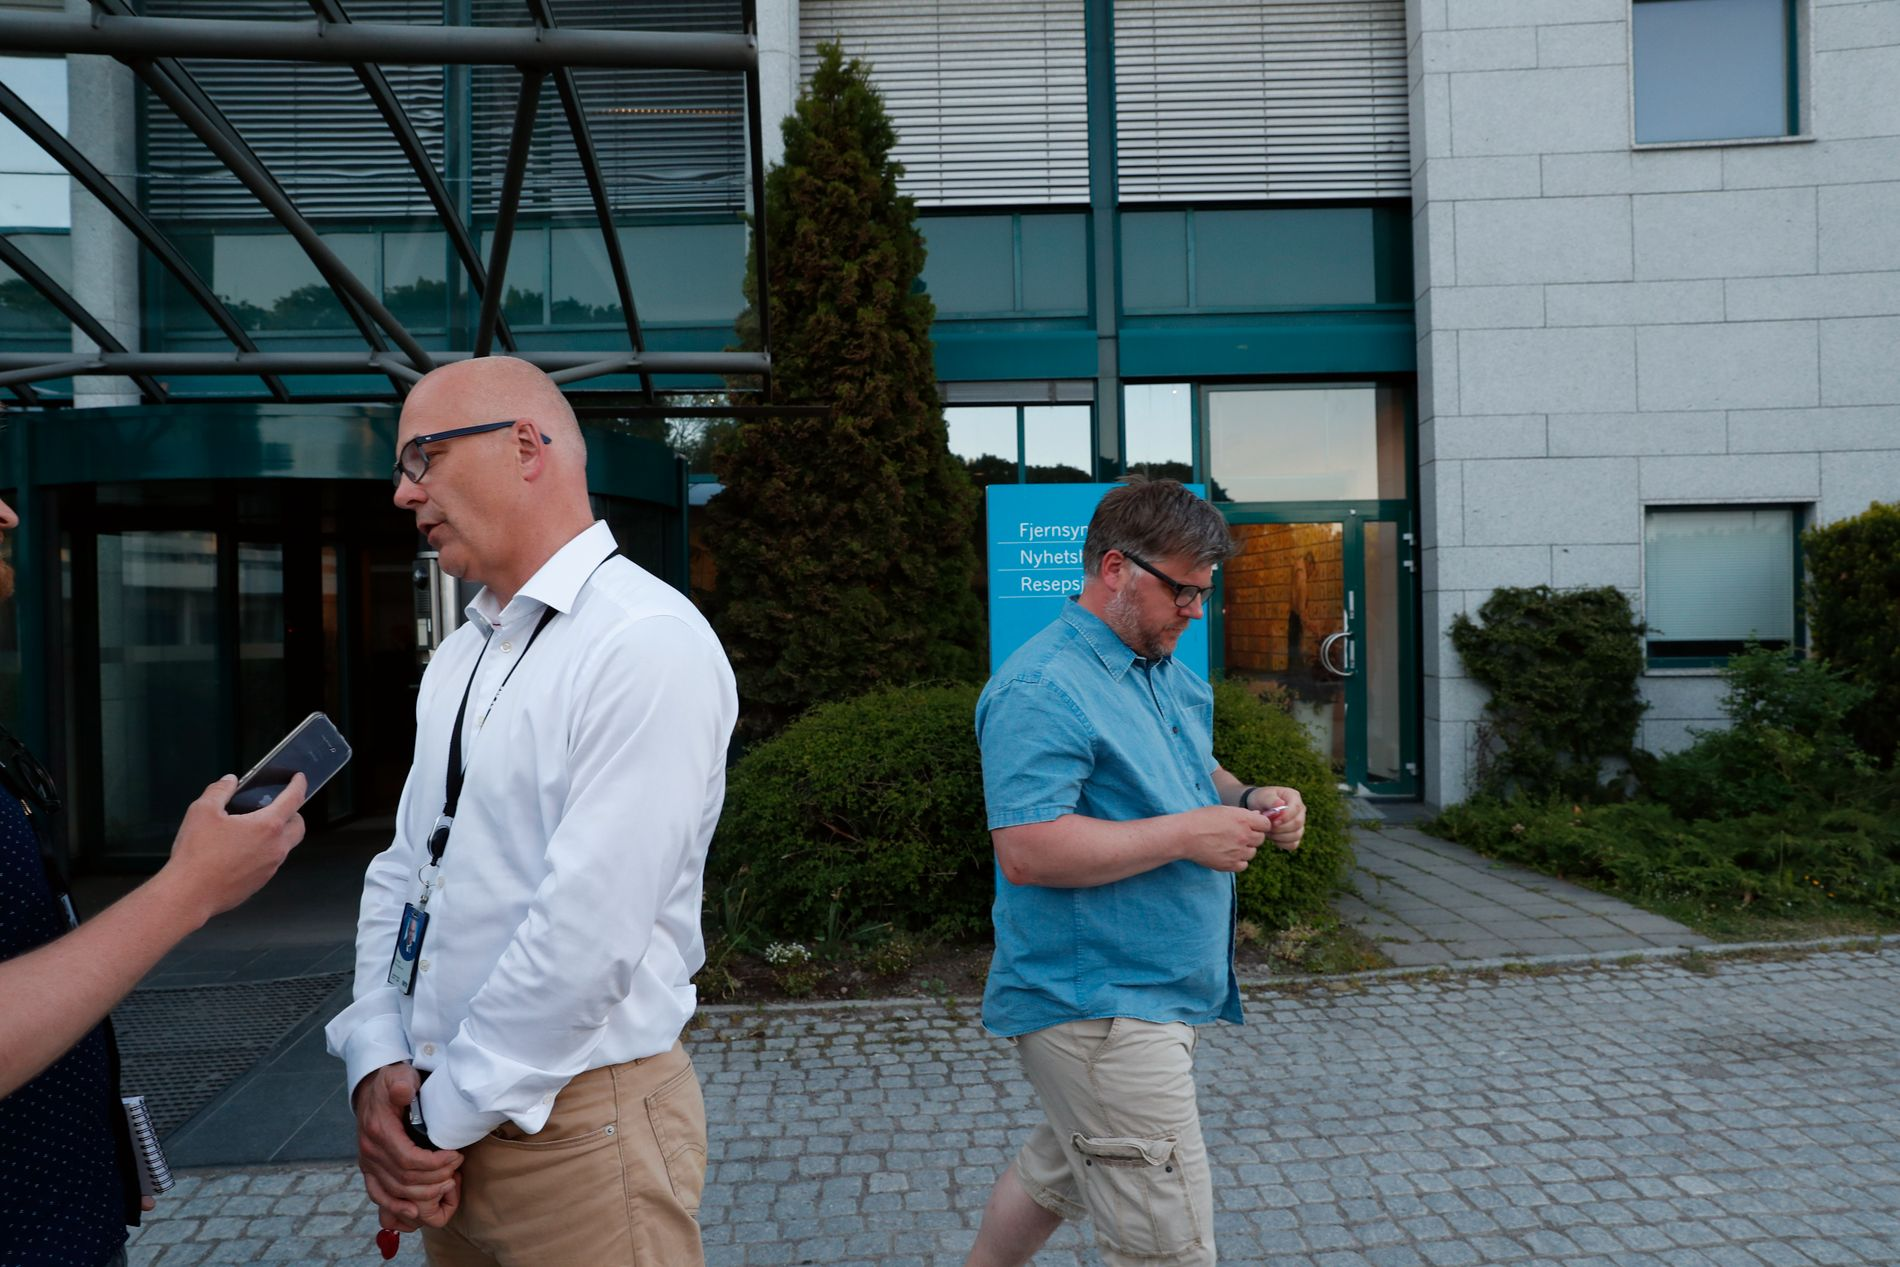 REFSER LEDELSEN: NRKJ-leder Richard Aune (t.h) sammen med kringkastingsjef Thor Gjermund Eriksen (t.v) like etter NRK-streiken ble avsluttet i mai. Aune går nå hardt ut mot ledelsen etter en artikkel i Nettavisen om utbetalinger til de ansatte.